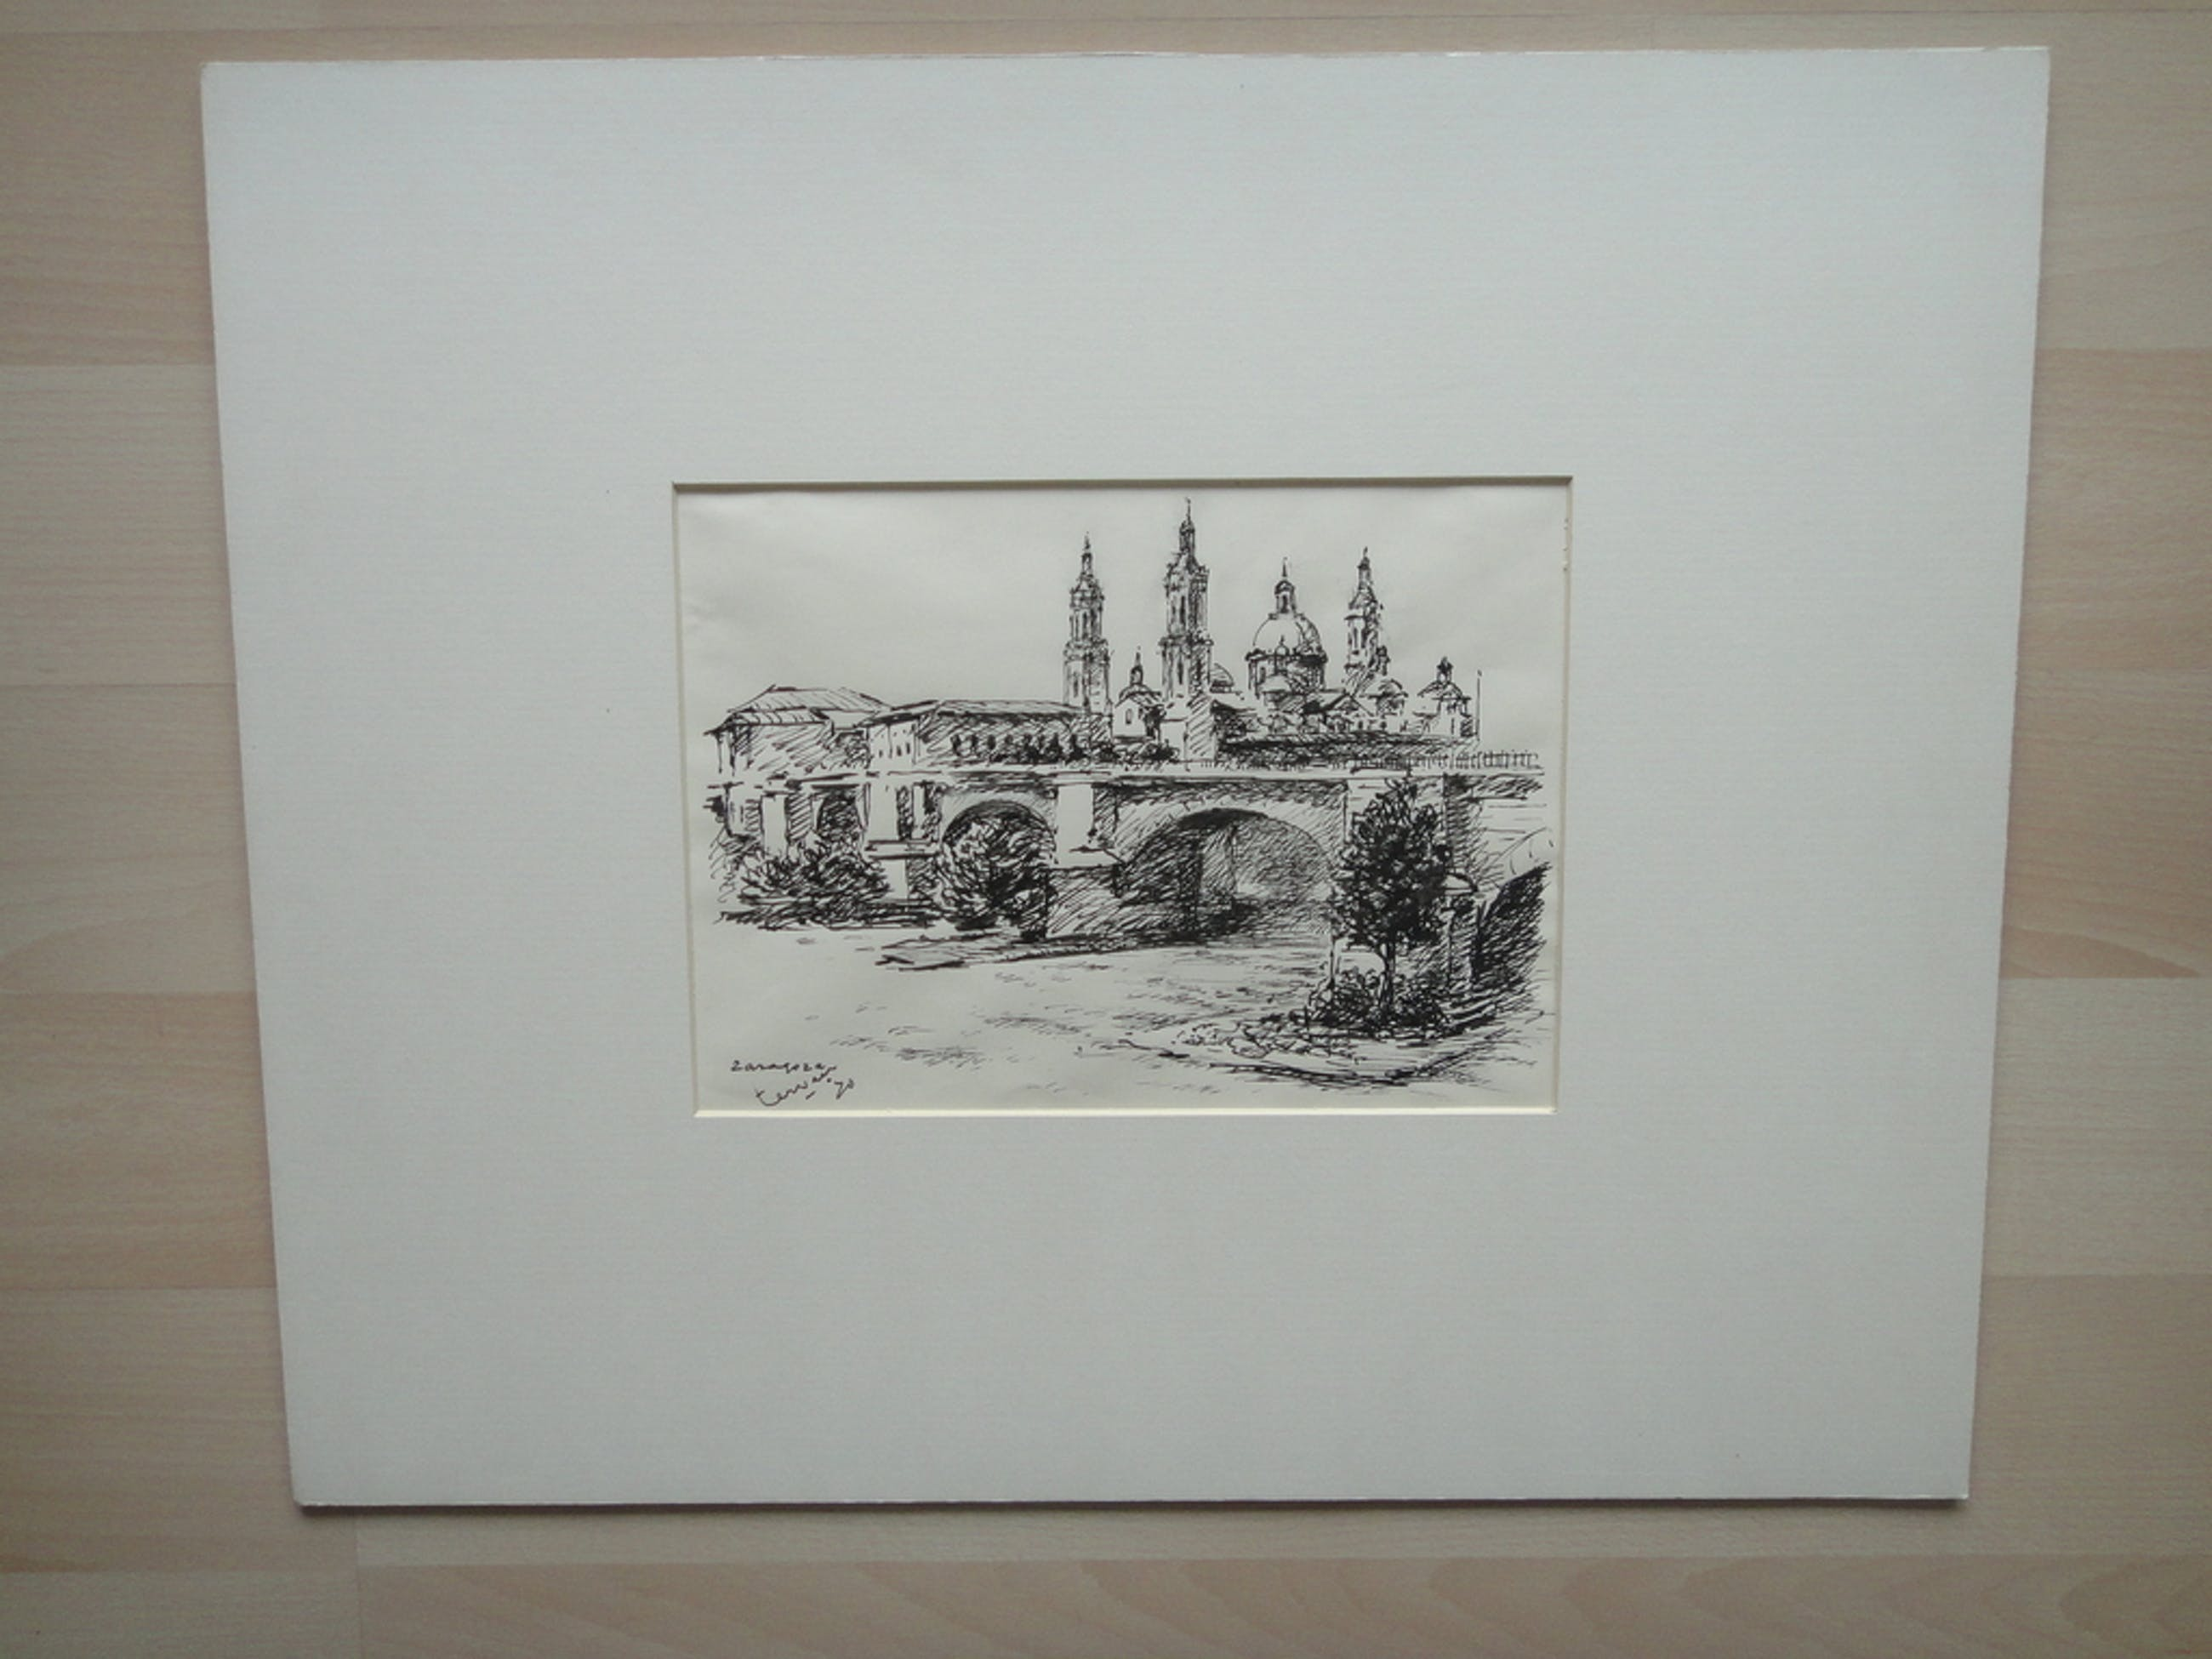 Johan Laurent ter Veer (1895-1970) , tekening, Zaragoza kopen? Bied vanaf 35!